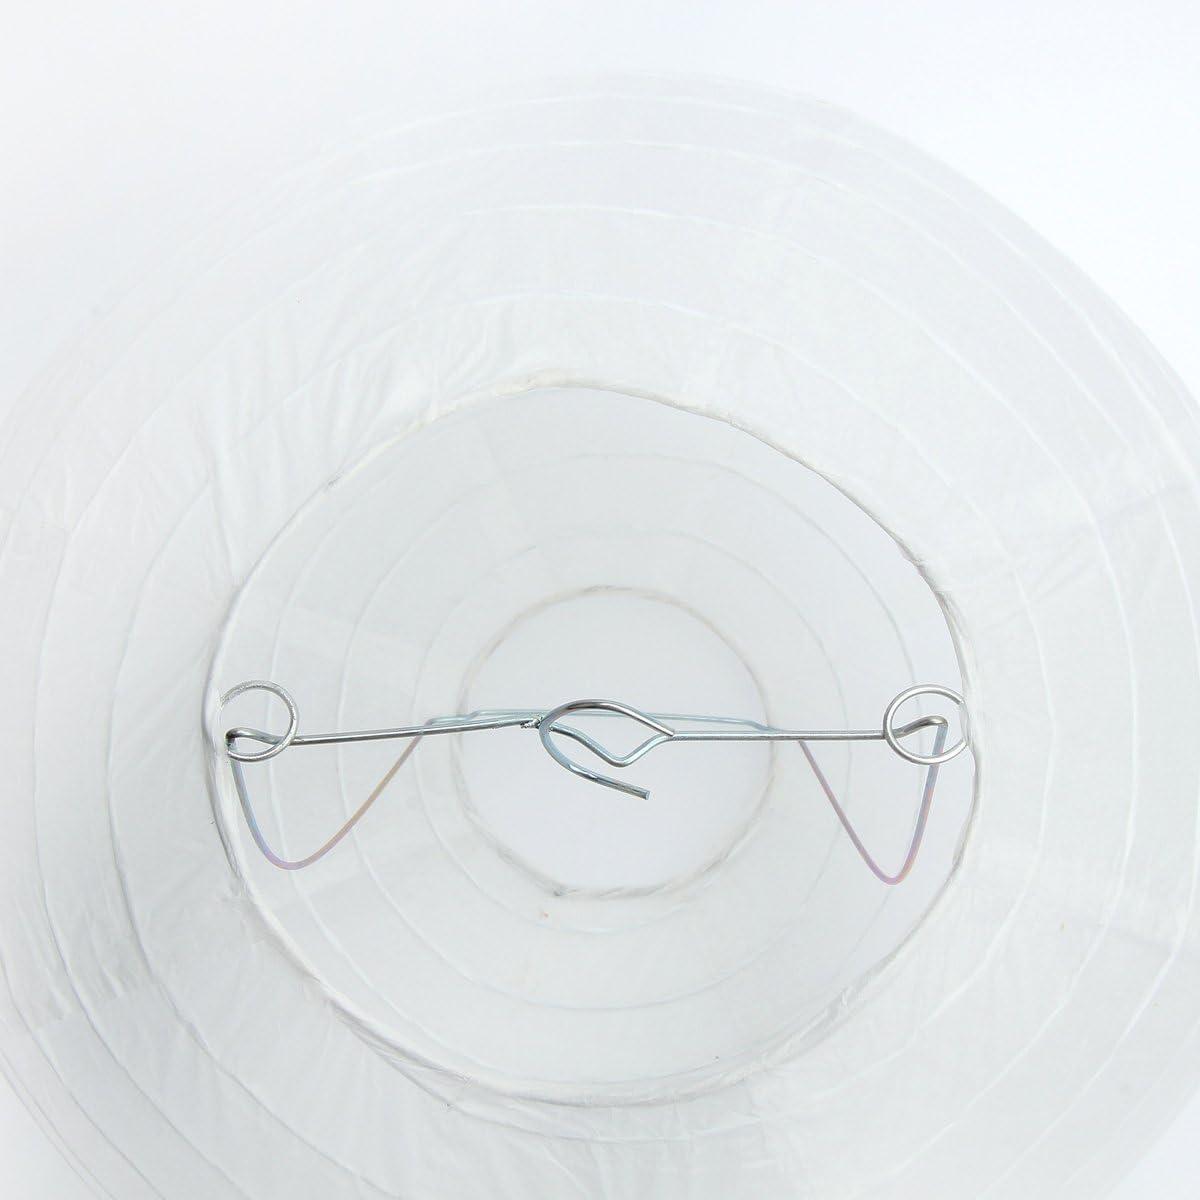 mit LED Dazone Lampion chinesisch 15cm wei/ß Party Kugel-Laterne Weihnachten Lampenschirm aus Papier Set mit 10/St/ück Haus Papier f/ür Hochzeit zur Dekoration